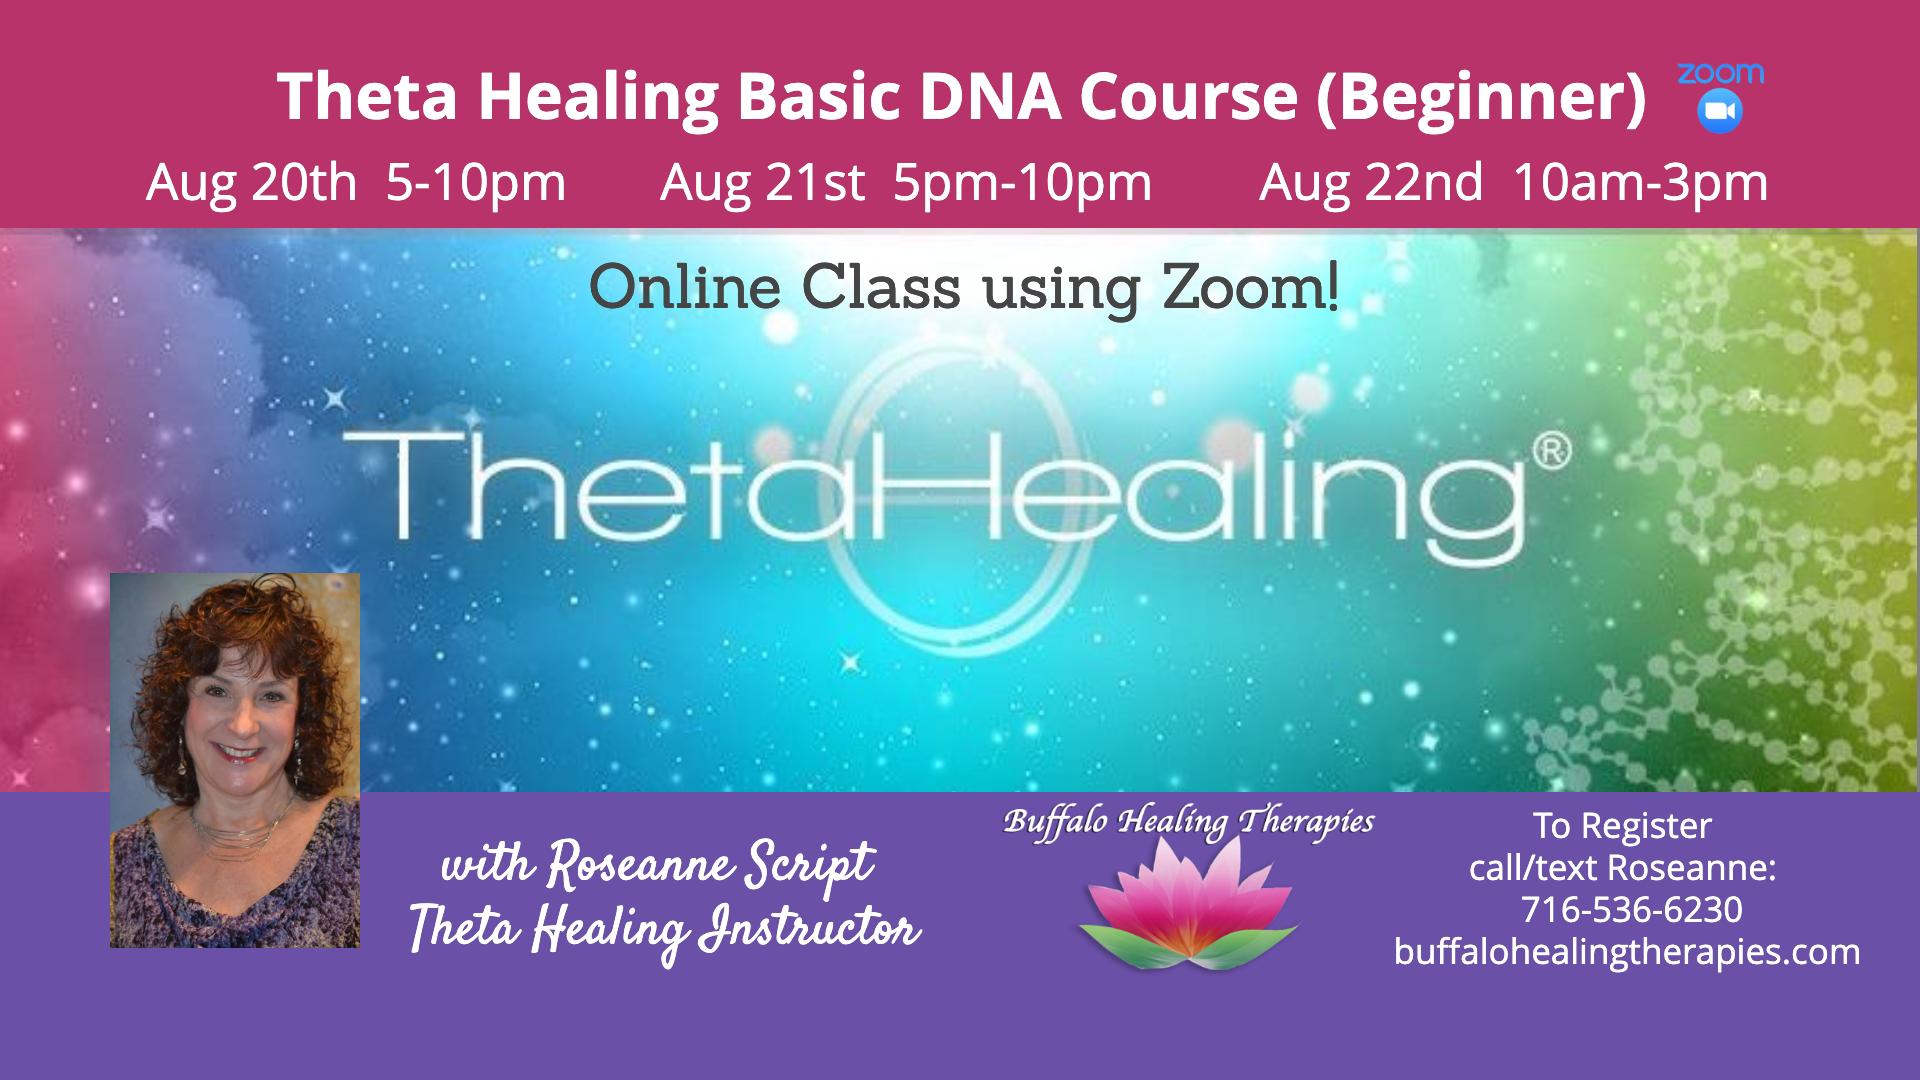 ThetaHealing DNA 1 - March 2020 Buffalo, NY